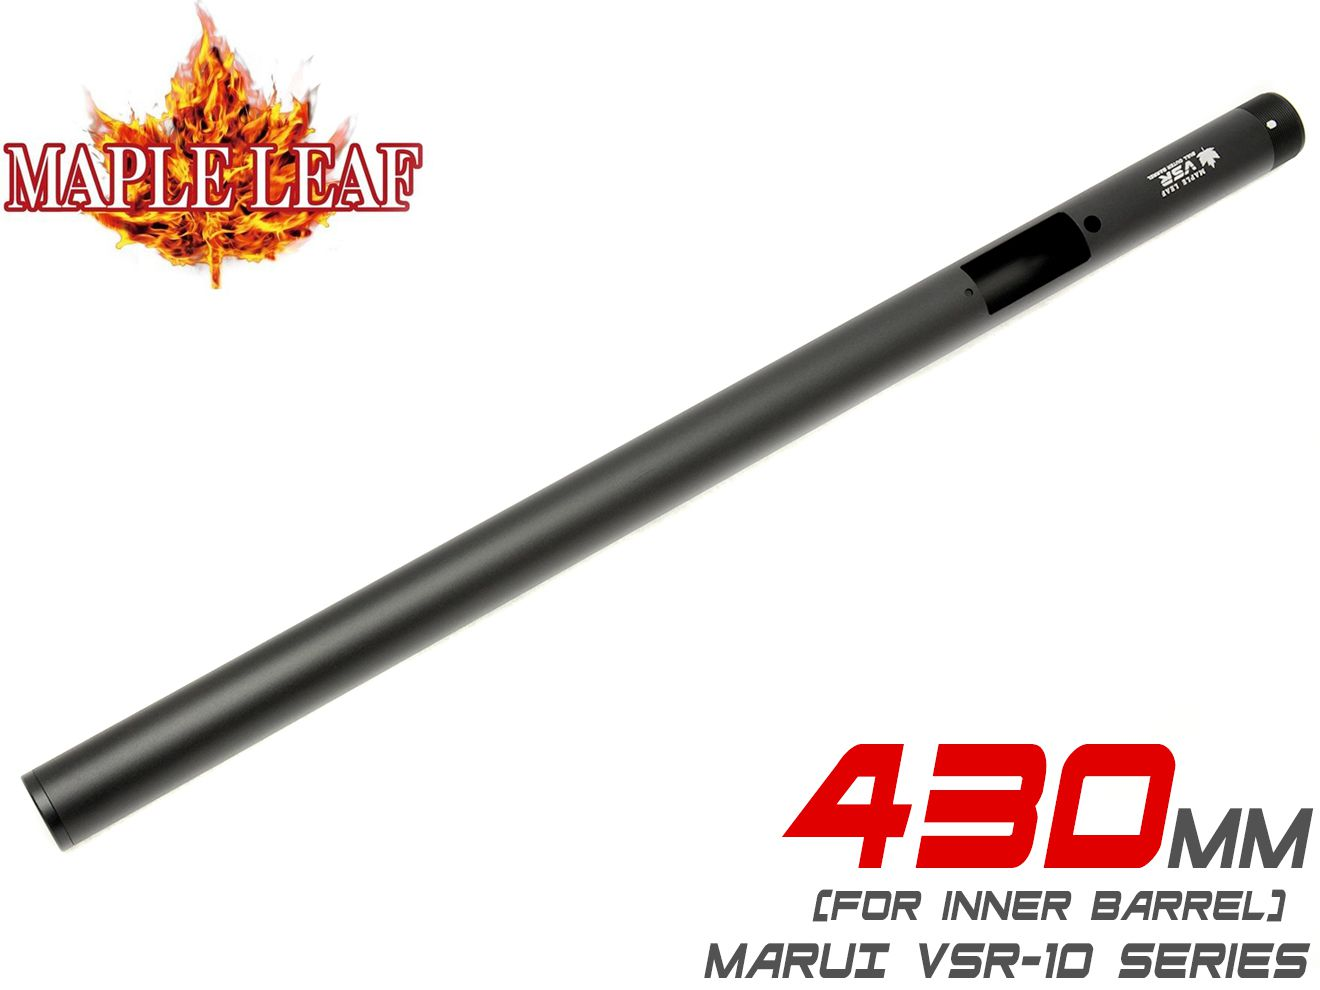 Maple Leaf アルミ ブルバレル for VSR-10 インナーバレル430mm用◆アルミ合金 ヘビーバレルデザイン アウターバレル 東京マルイ VSR10 G-SPEC プロスナイパー